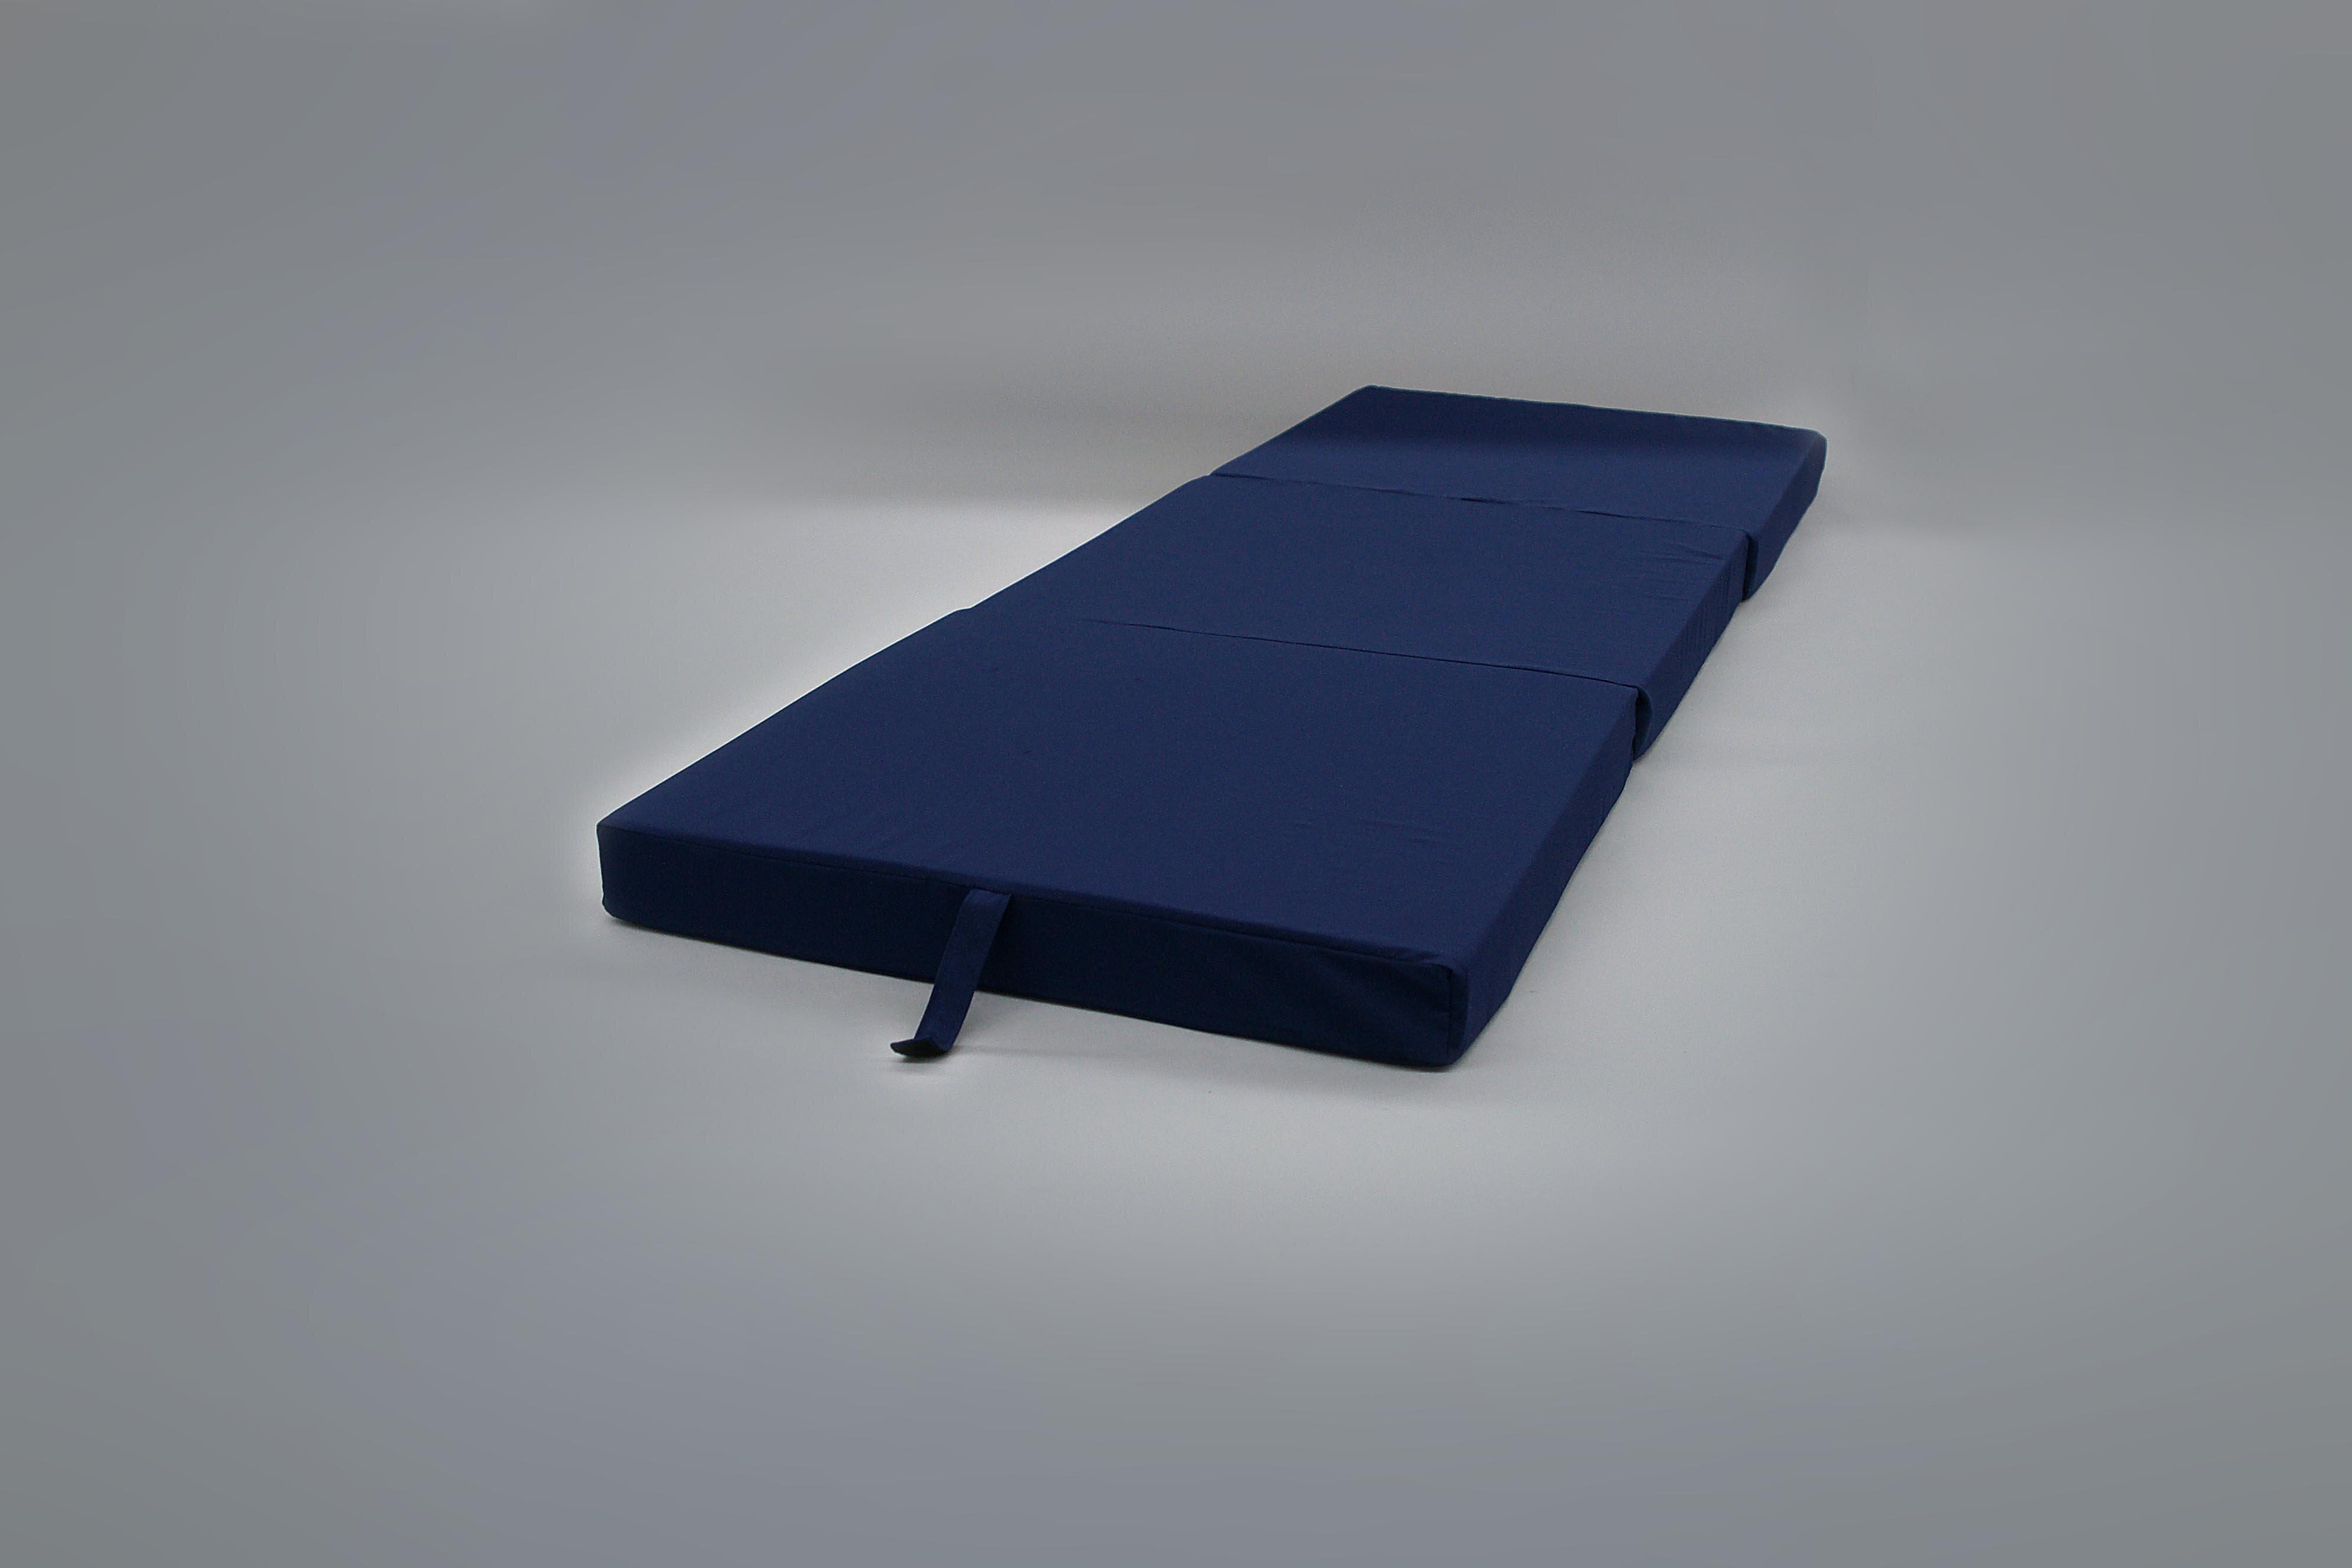 Alwyn Home Ritchie Fold Away Bed Blue Standard Medium Mattress Reviews Wayfair Ca